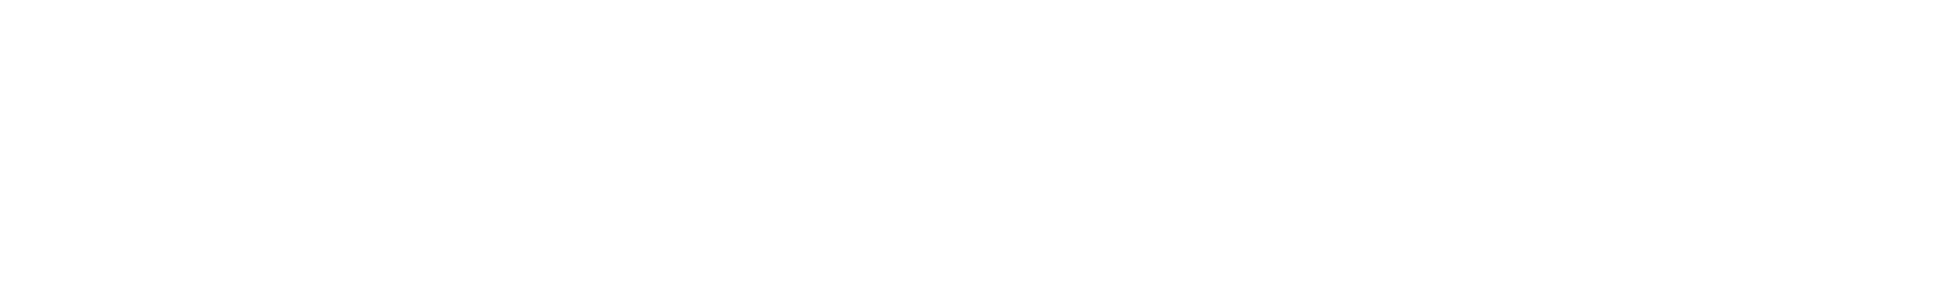 KREATIVRAKETEN KG | Ihre Beratung für Strategie, Agilität & Innovation